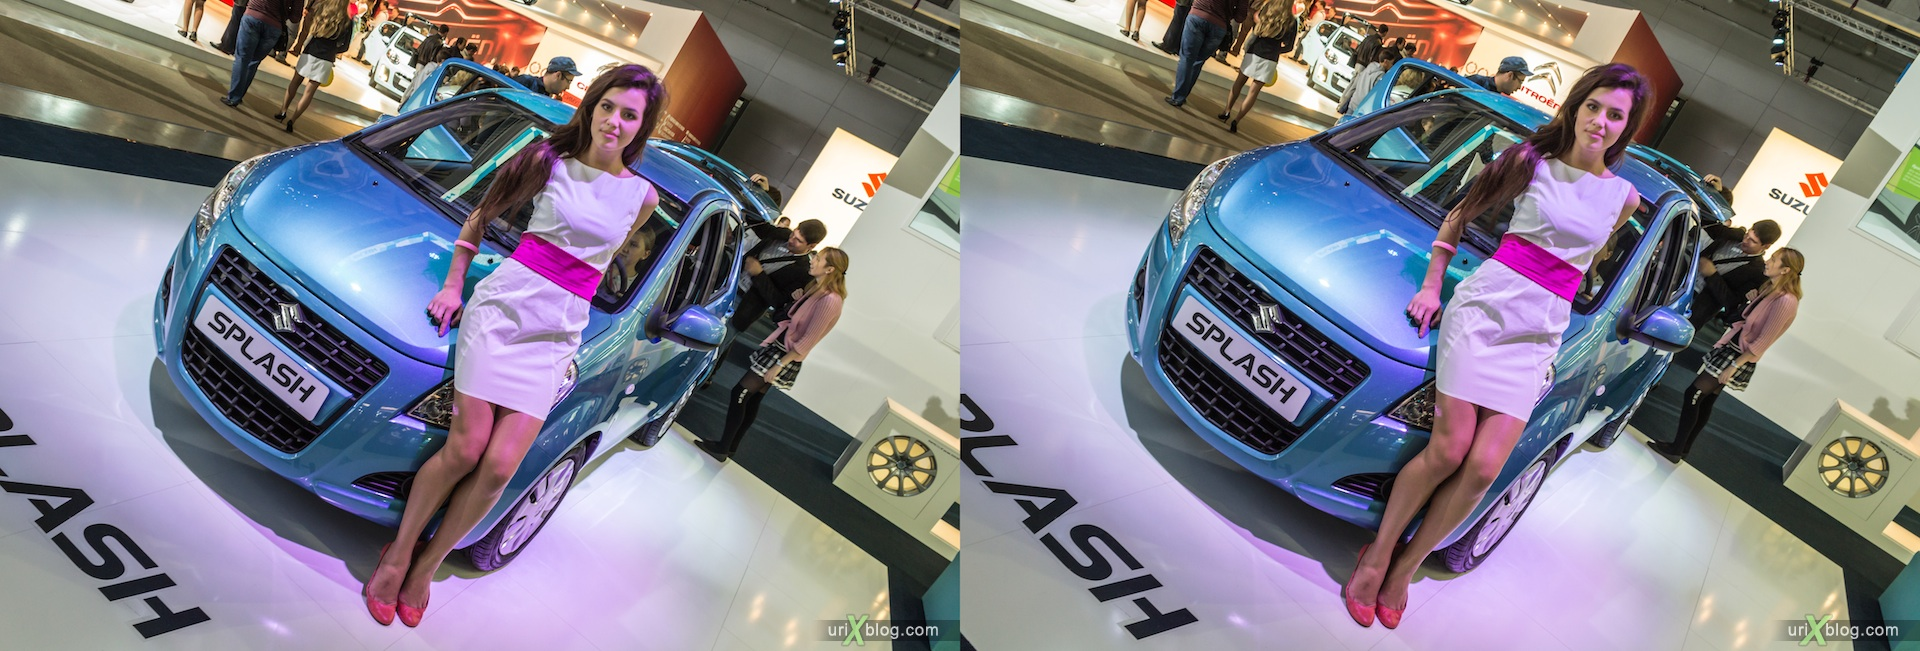 2012, Suzuki Splash, девушка, модель, Московский международный автомобильный салон, ММАС, Крокус Экспо, 3D, стерео, стереопара